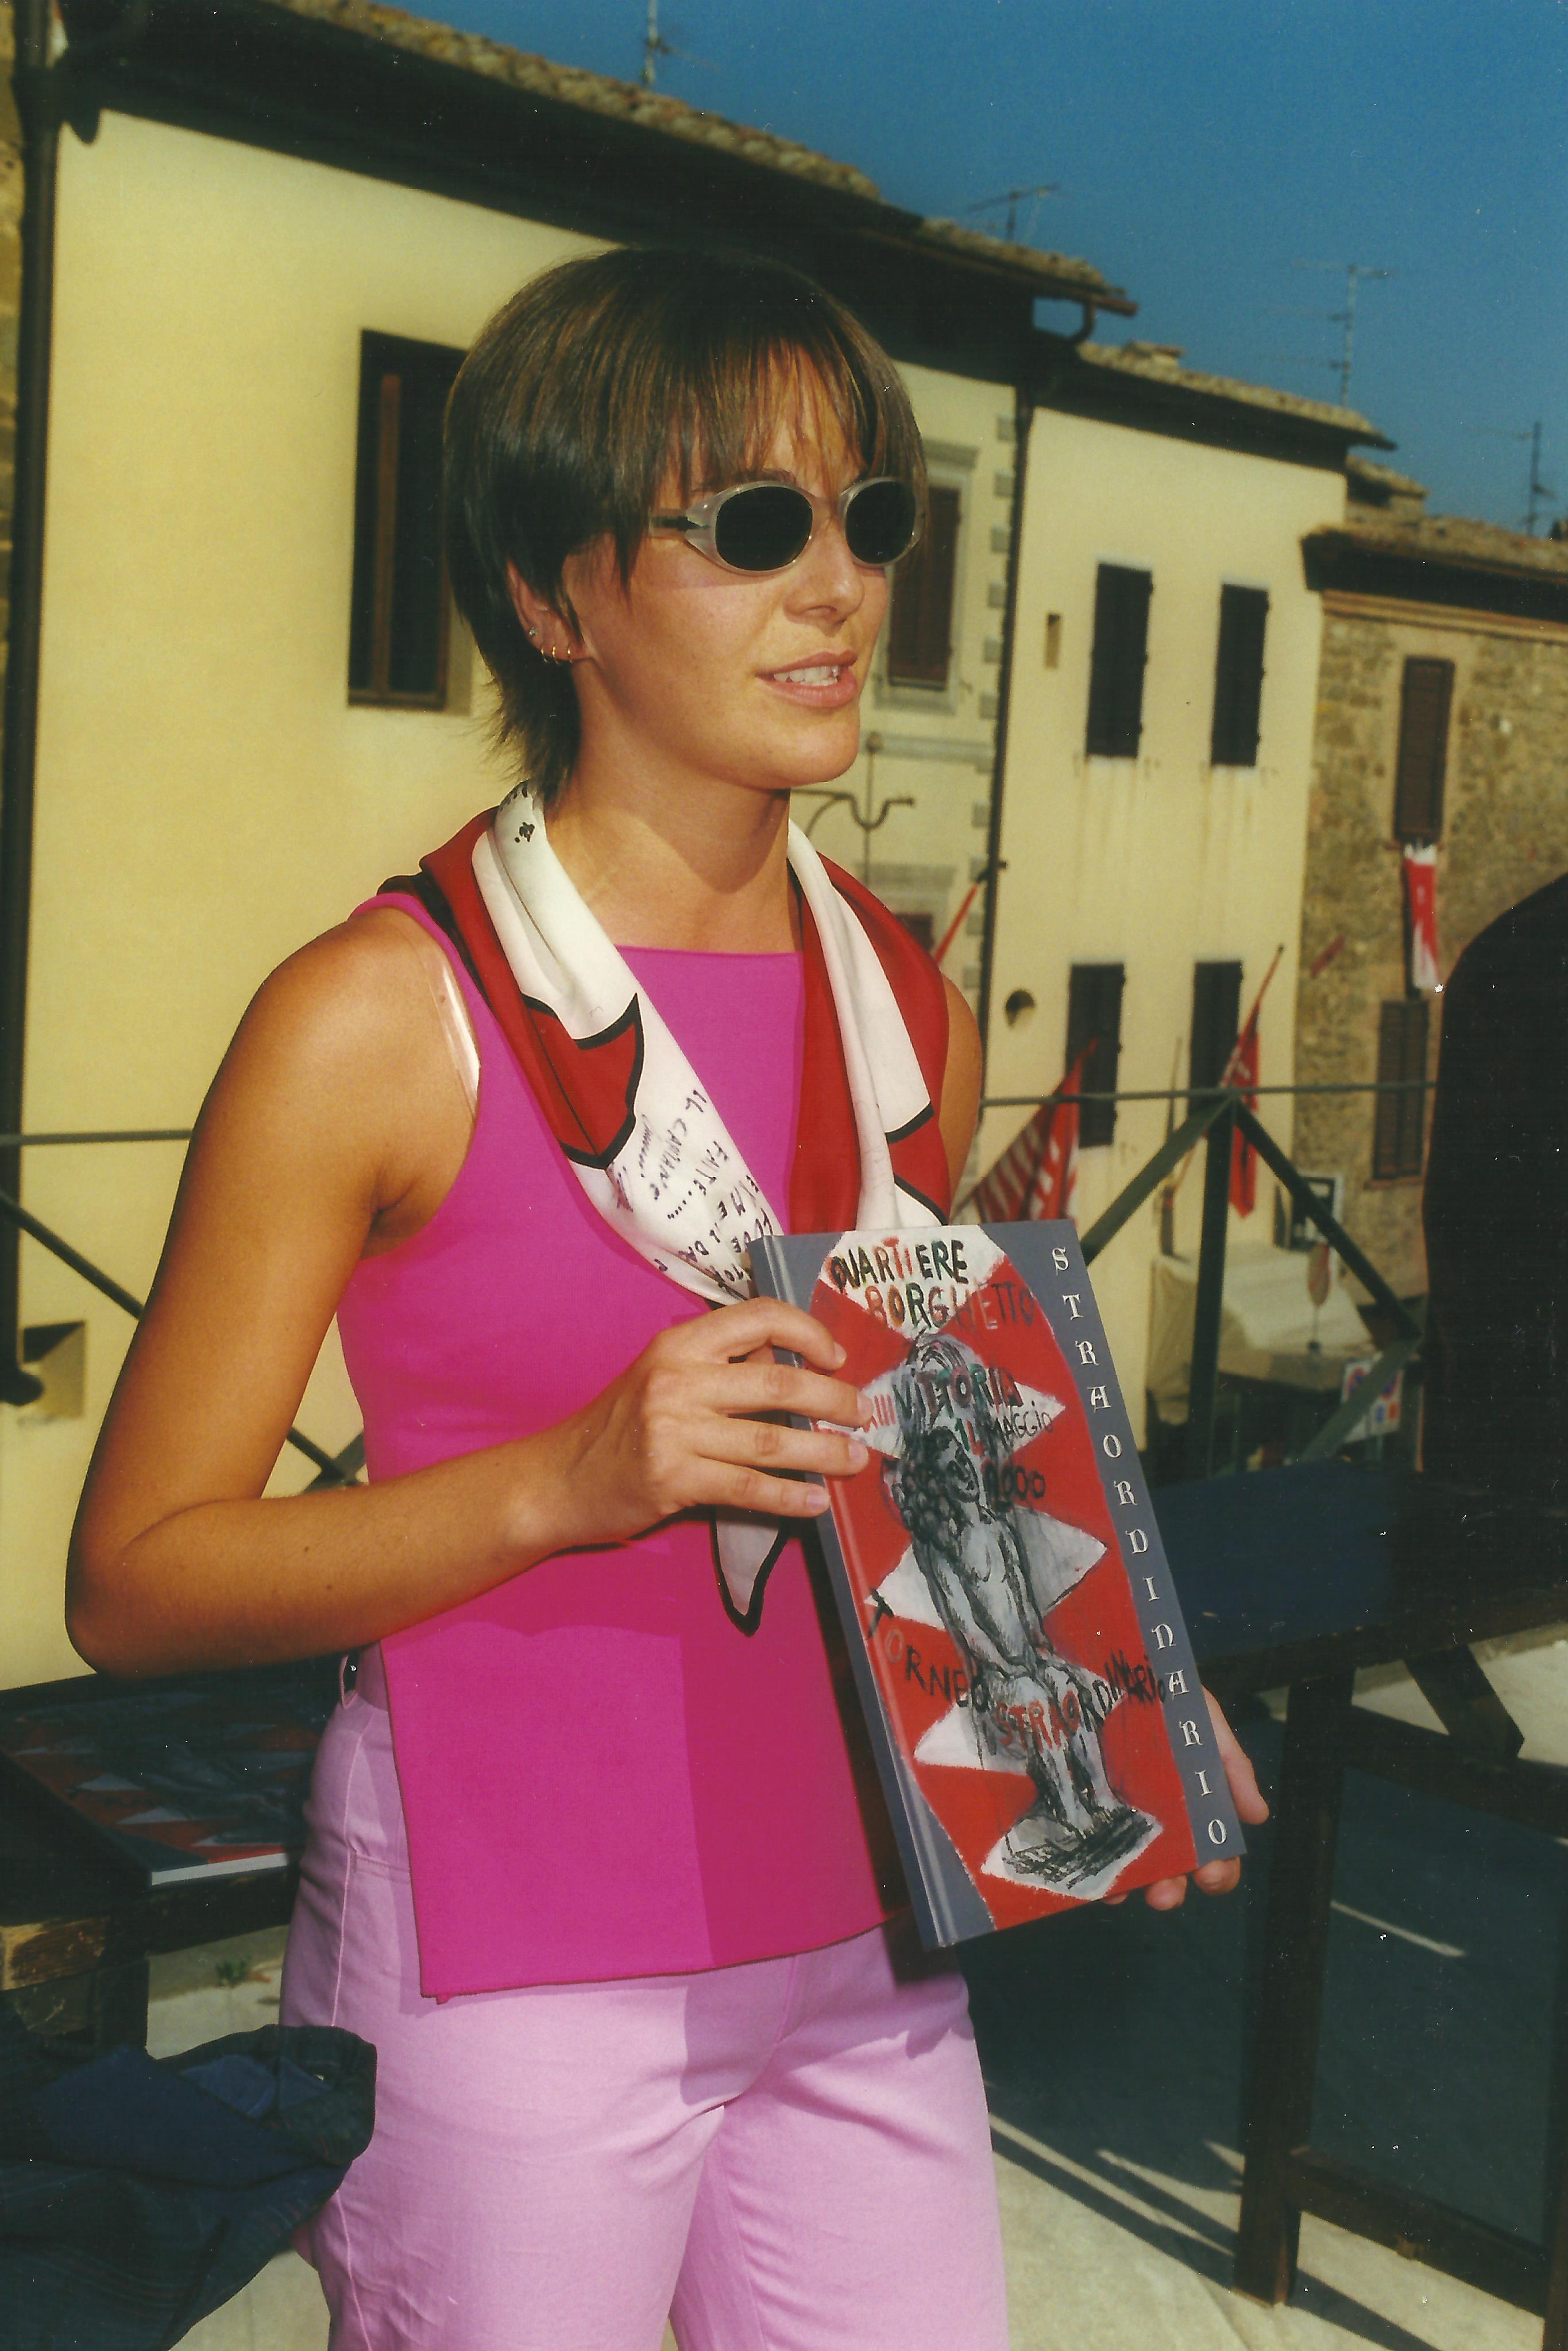 Tamara Boccardi